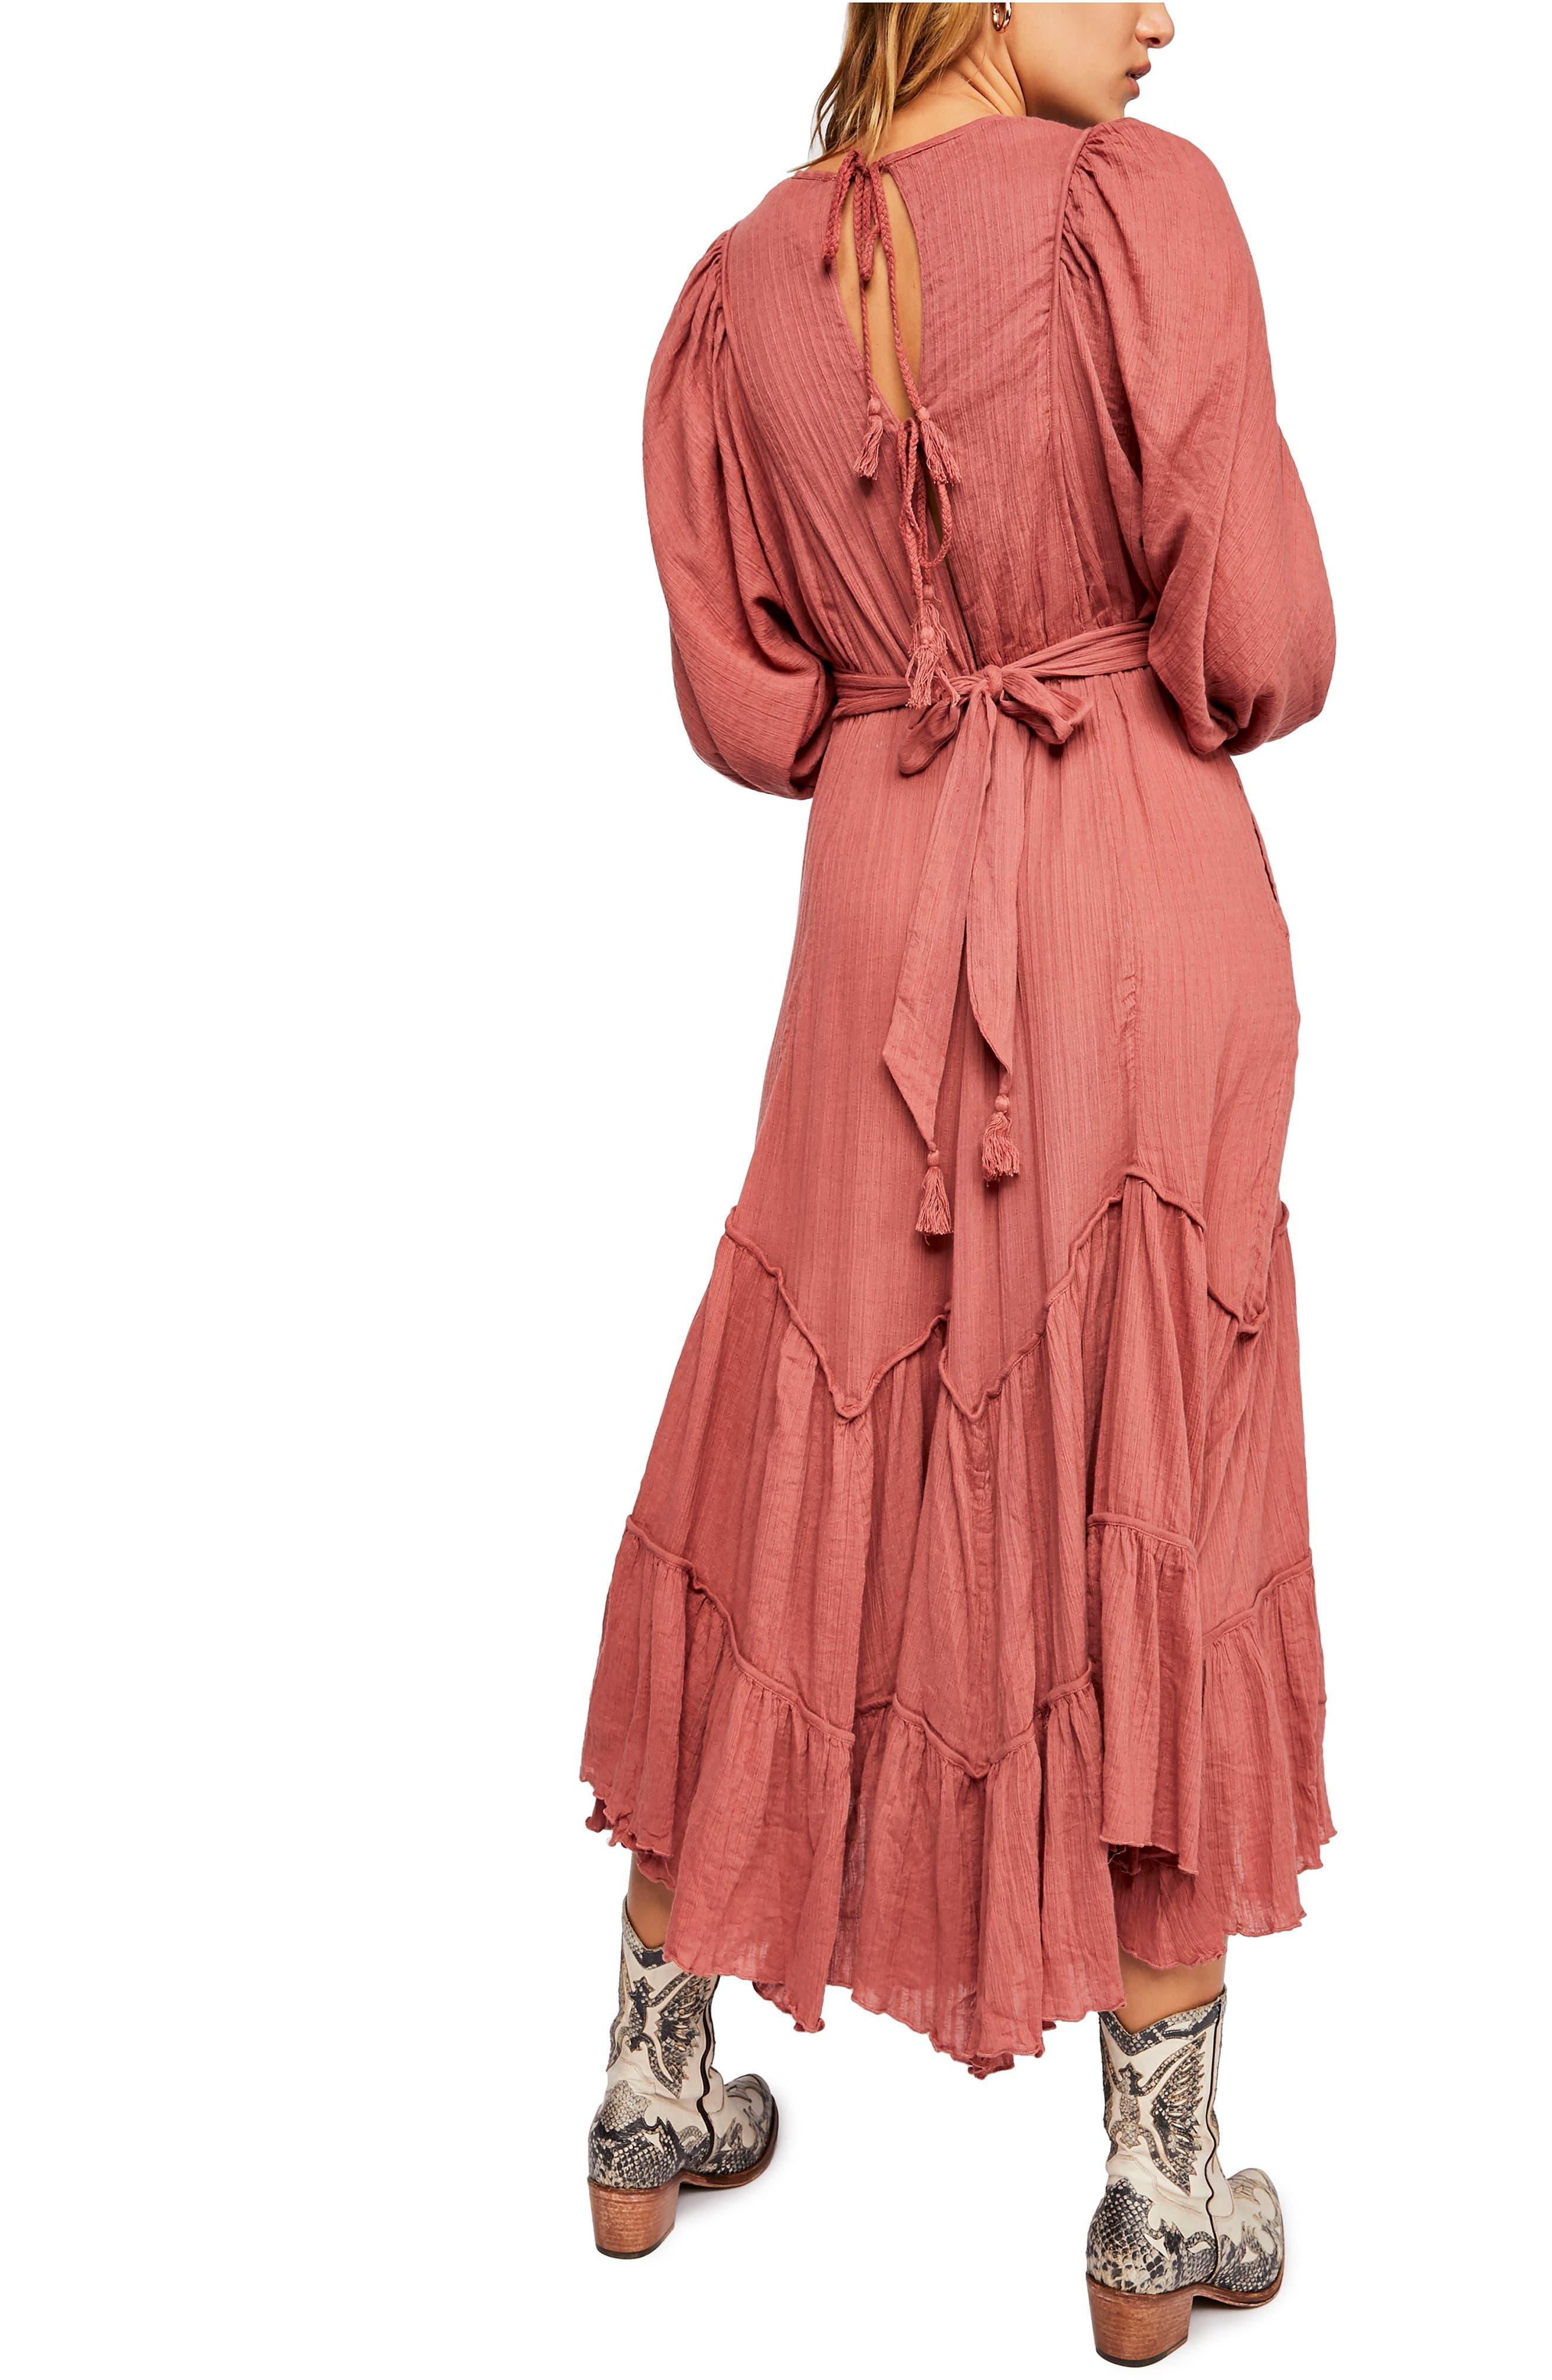 de633b516f7 Women s Free People Dresses